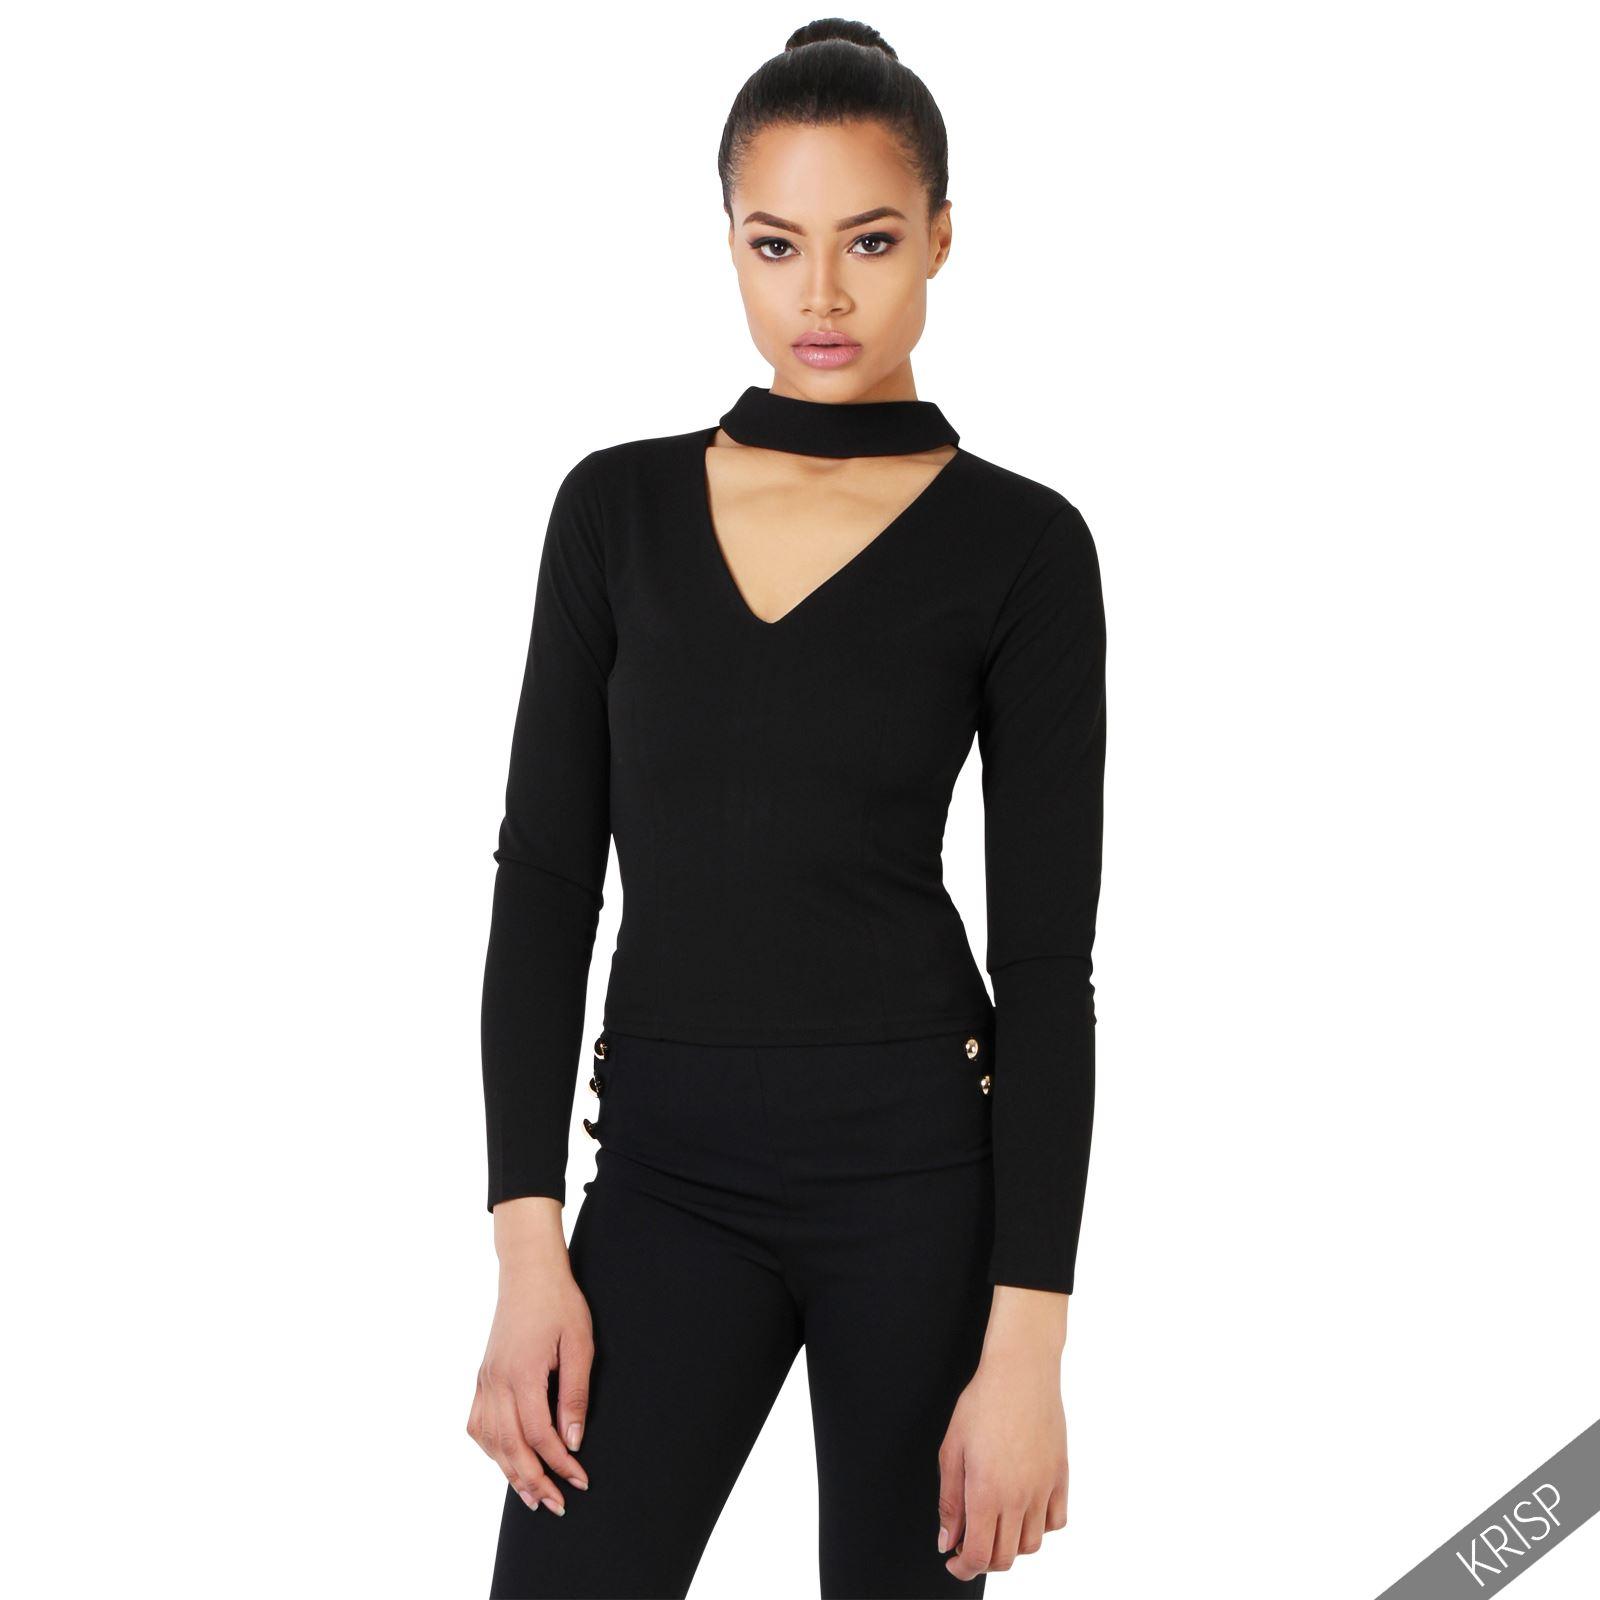 Womens stretch v neck cut choker plunge top zip back for V neck back shirt